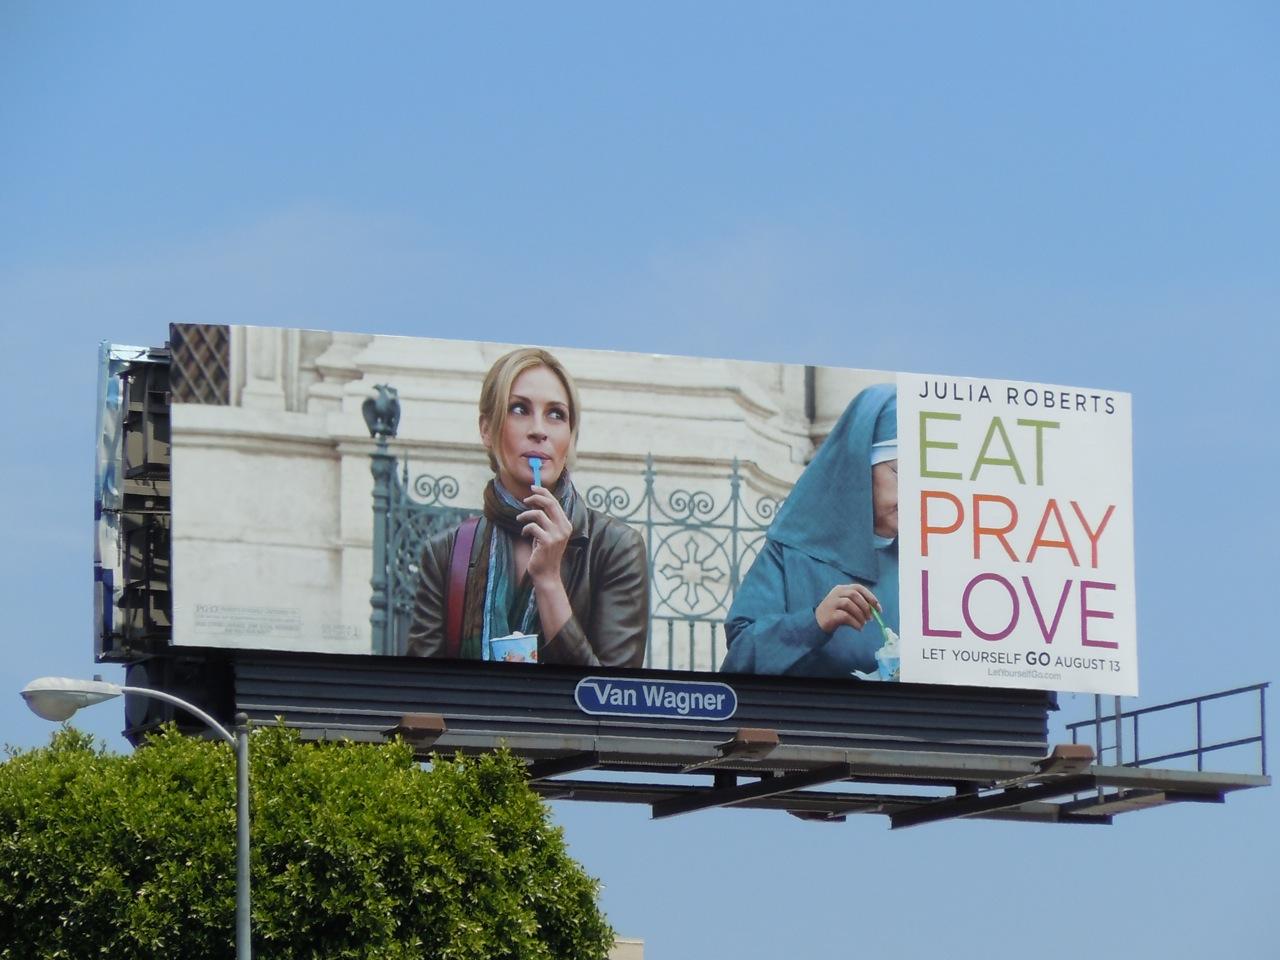 http://1.bp.blogspot.com/_GIchwvJ-aNk/TFTJe_JT2nI/AAAAAAAATVU/J7tAHV56QBg/s1600/Julia+Roberts+Eat+pray+love+billboard.jpg